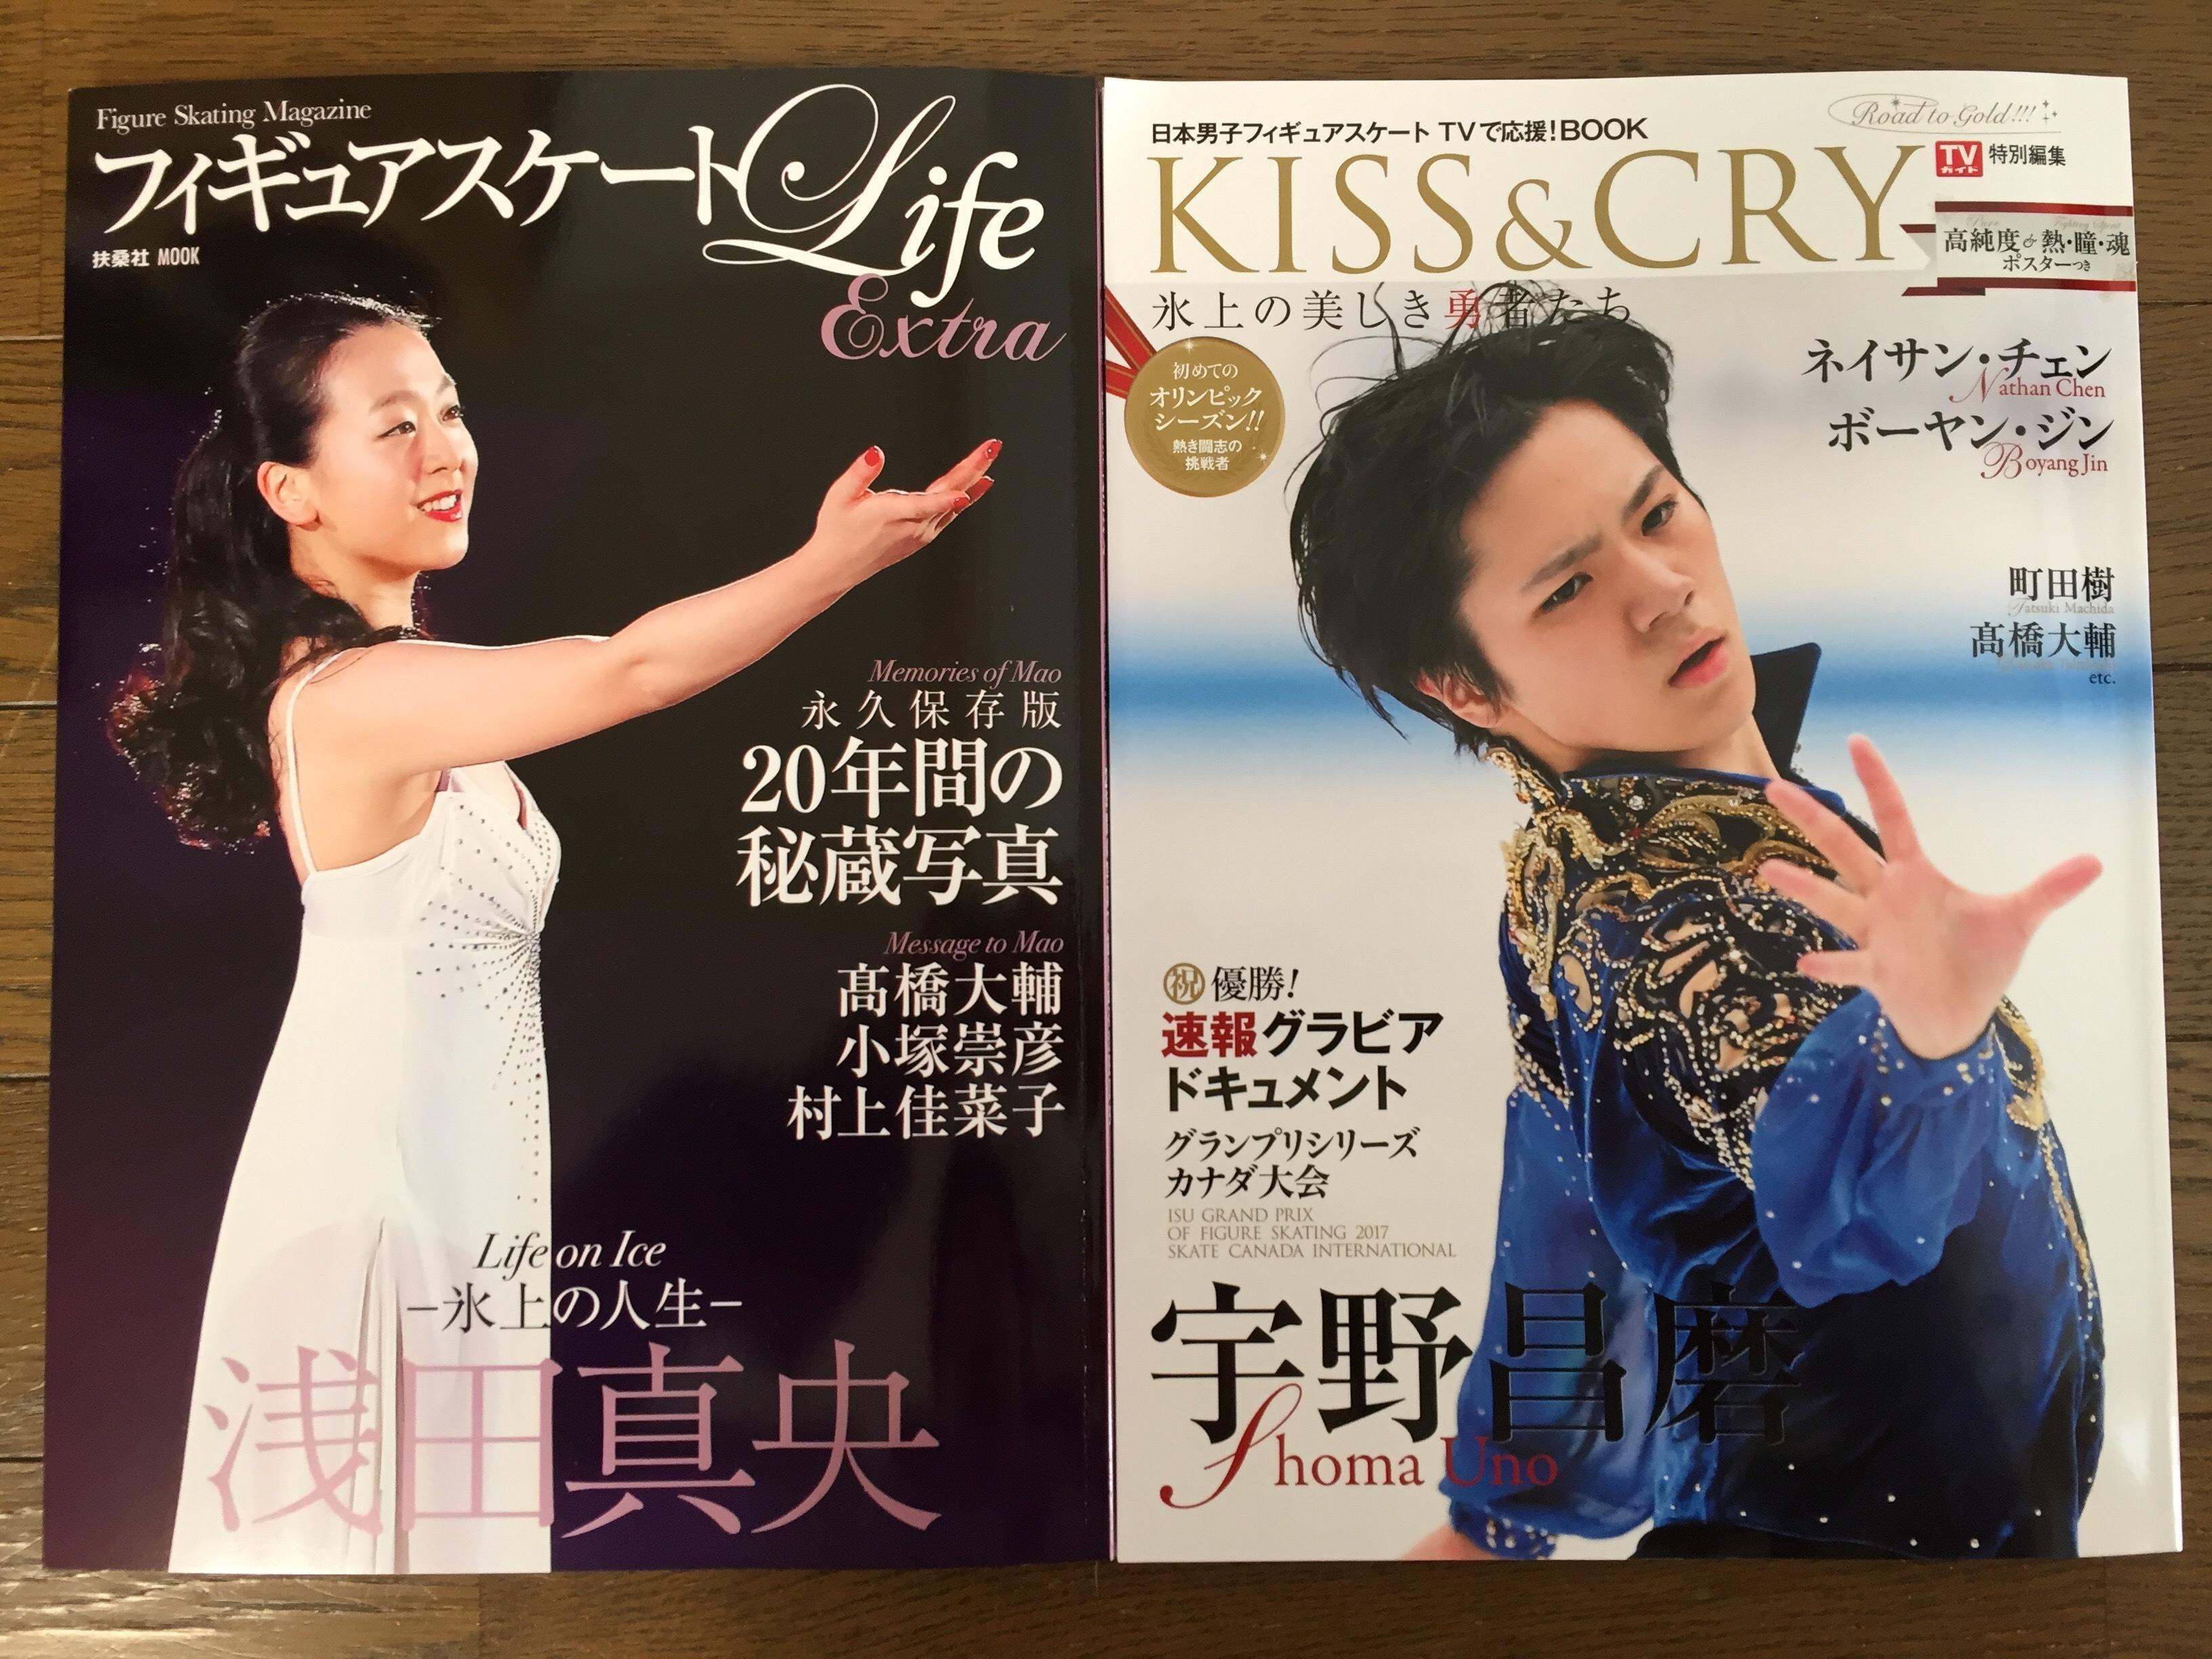 『フィギュアスケートLife Extra』&『KISS & CRY 氷上の美しき勇者たち』